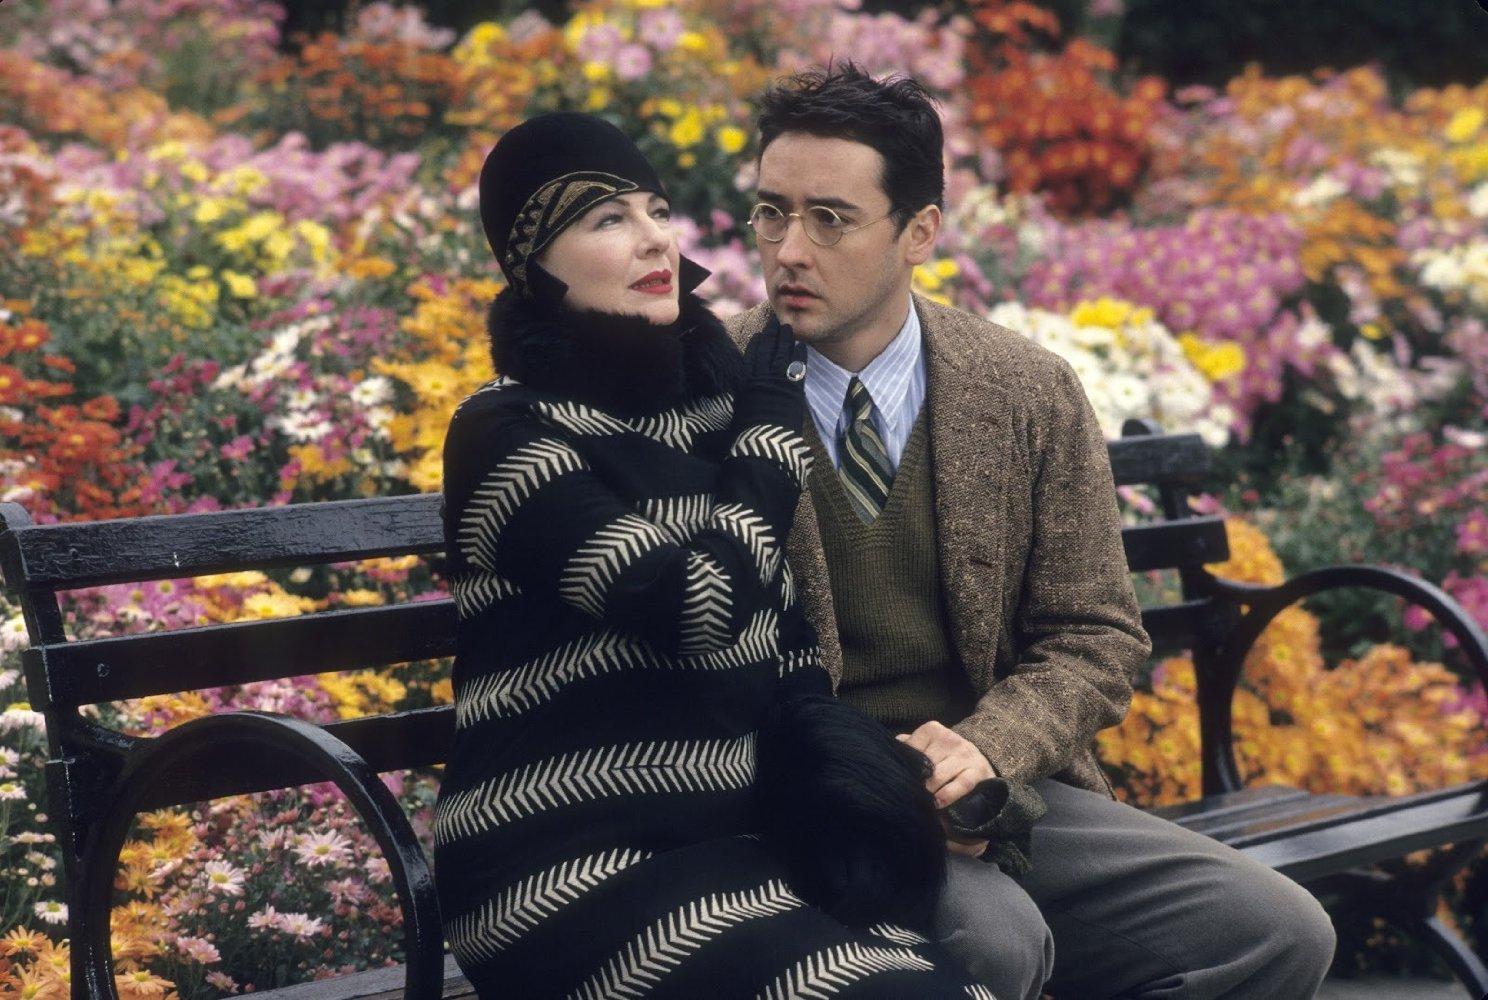 Дайан Уист Пули над Бродвеем 1994